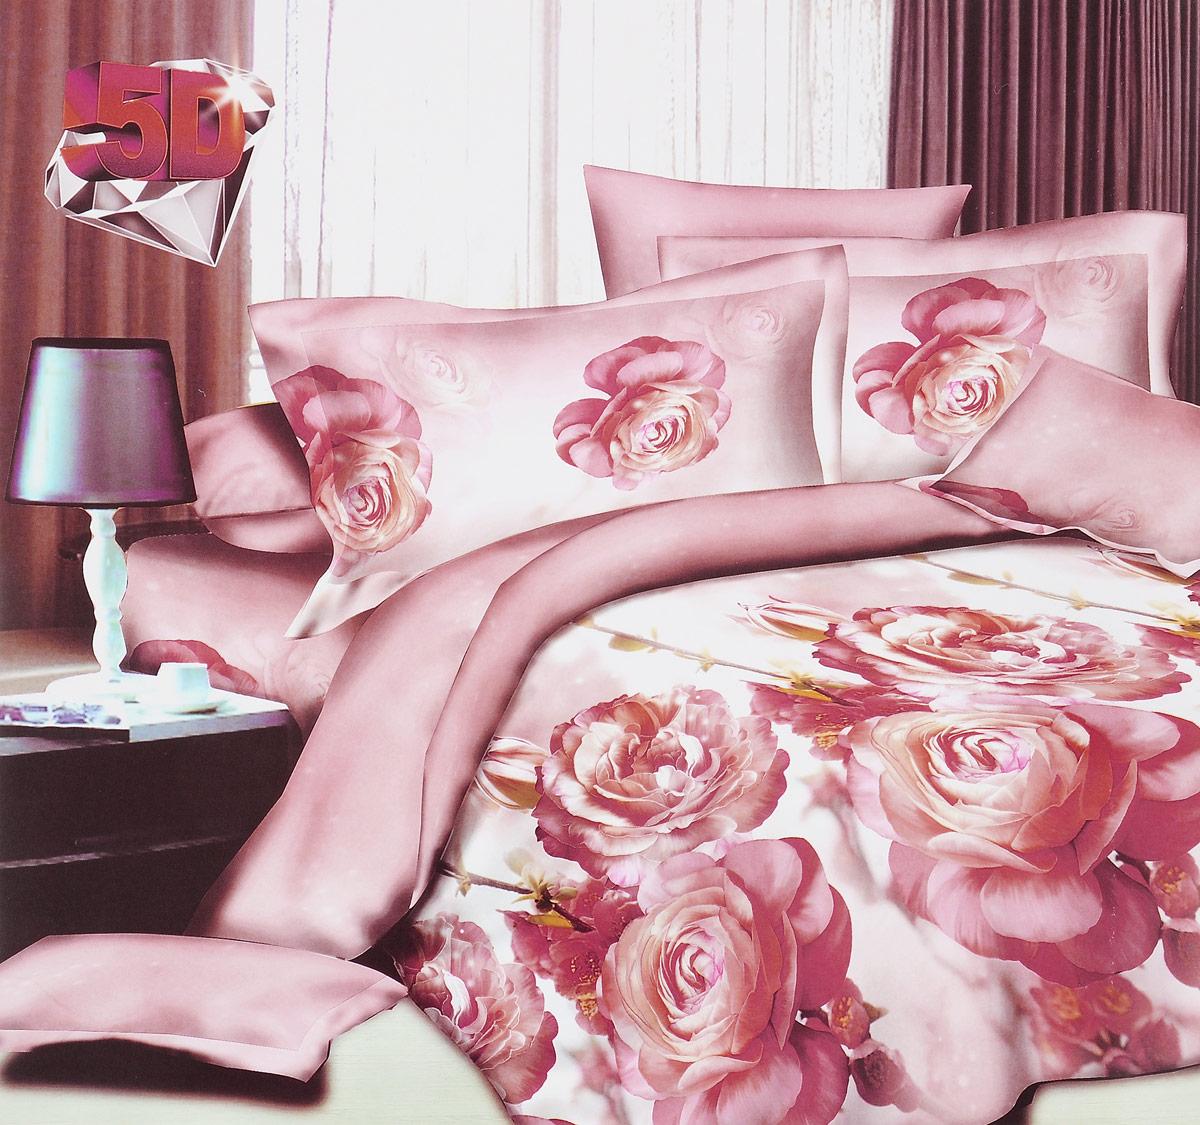 Комплект белья ЭГО Южная Роза, 1,5-спальный, наволочки 70x704630003364517Комплект белья ЭГО Южная Роза выполнен из полисатина (50% хлопка, 50% полиэстера). Комплект состоит из пододеяльника, простыни и двух наволочек. Постельное белье имеет изысканный внешний вид и яркую цветовую гамму. Гладкая структура делает ткань приятной на ощупь, мягкой и нежной, при этом она прочная и хорошо сохраняет форму. Ткань легко гладится, не линяет и не садится. Приобретая комплект постельного белья ЭГО Южная Роза, вы можете быть уверенны в том, что покупка доставит вам и вашим близким удовольствие и подарит максимальный комфорт.